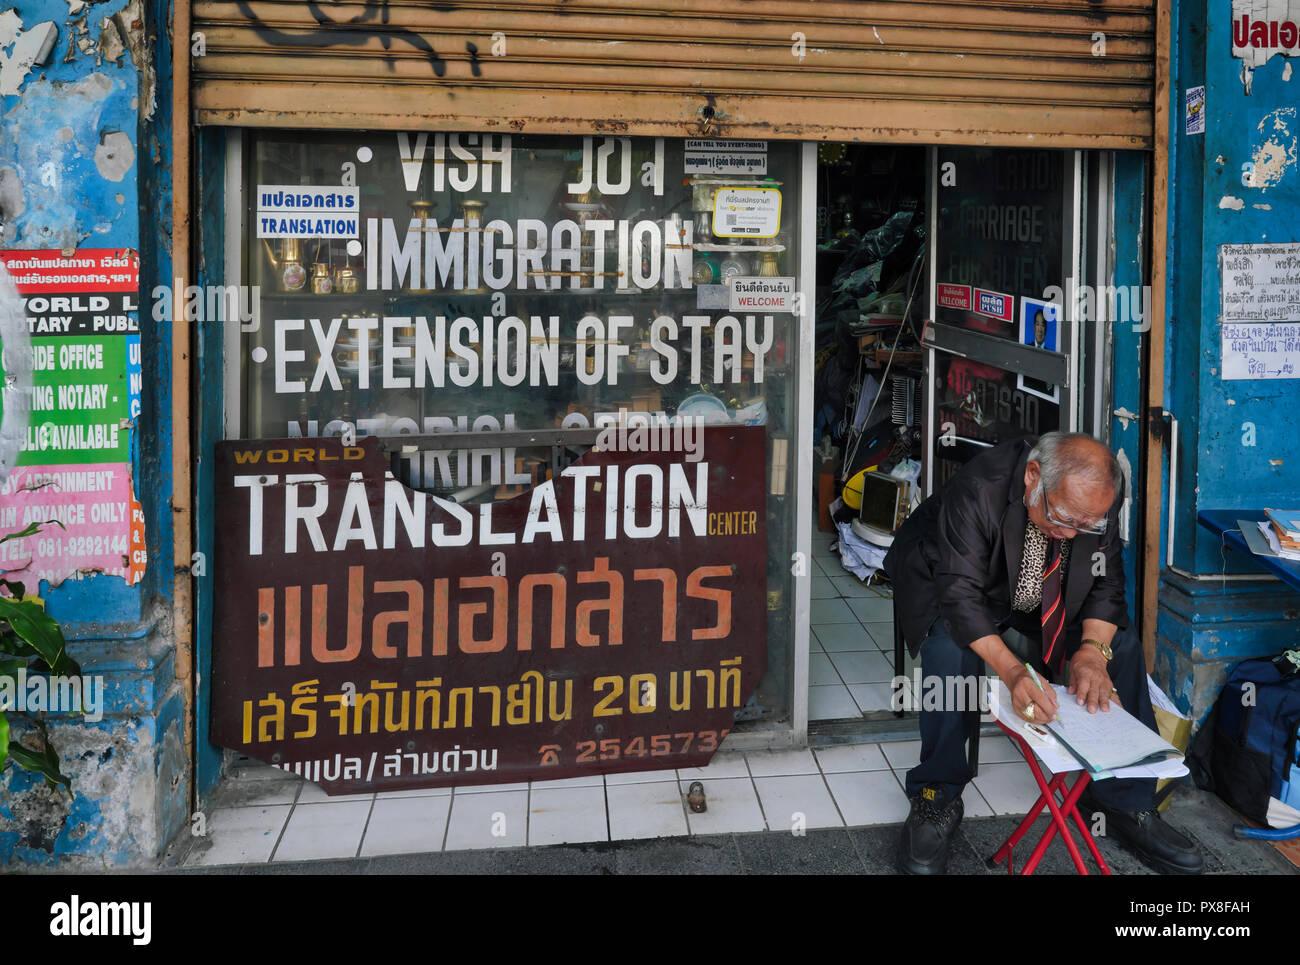 Un bureau offrant des services de traduction et de visa, dans la zone des bureaux et des banques de Silom Road, près de Patpong, Bangkok, Thaïlande Photo Stock